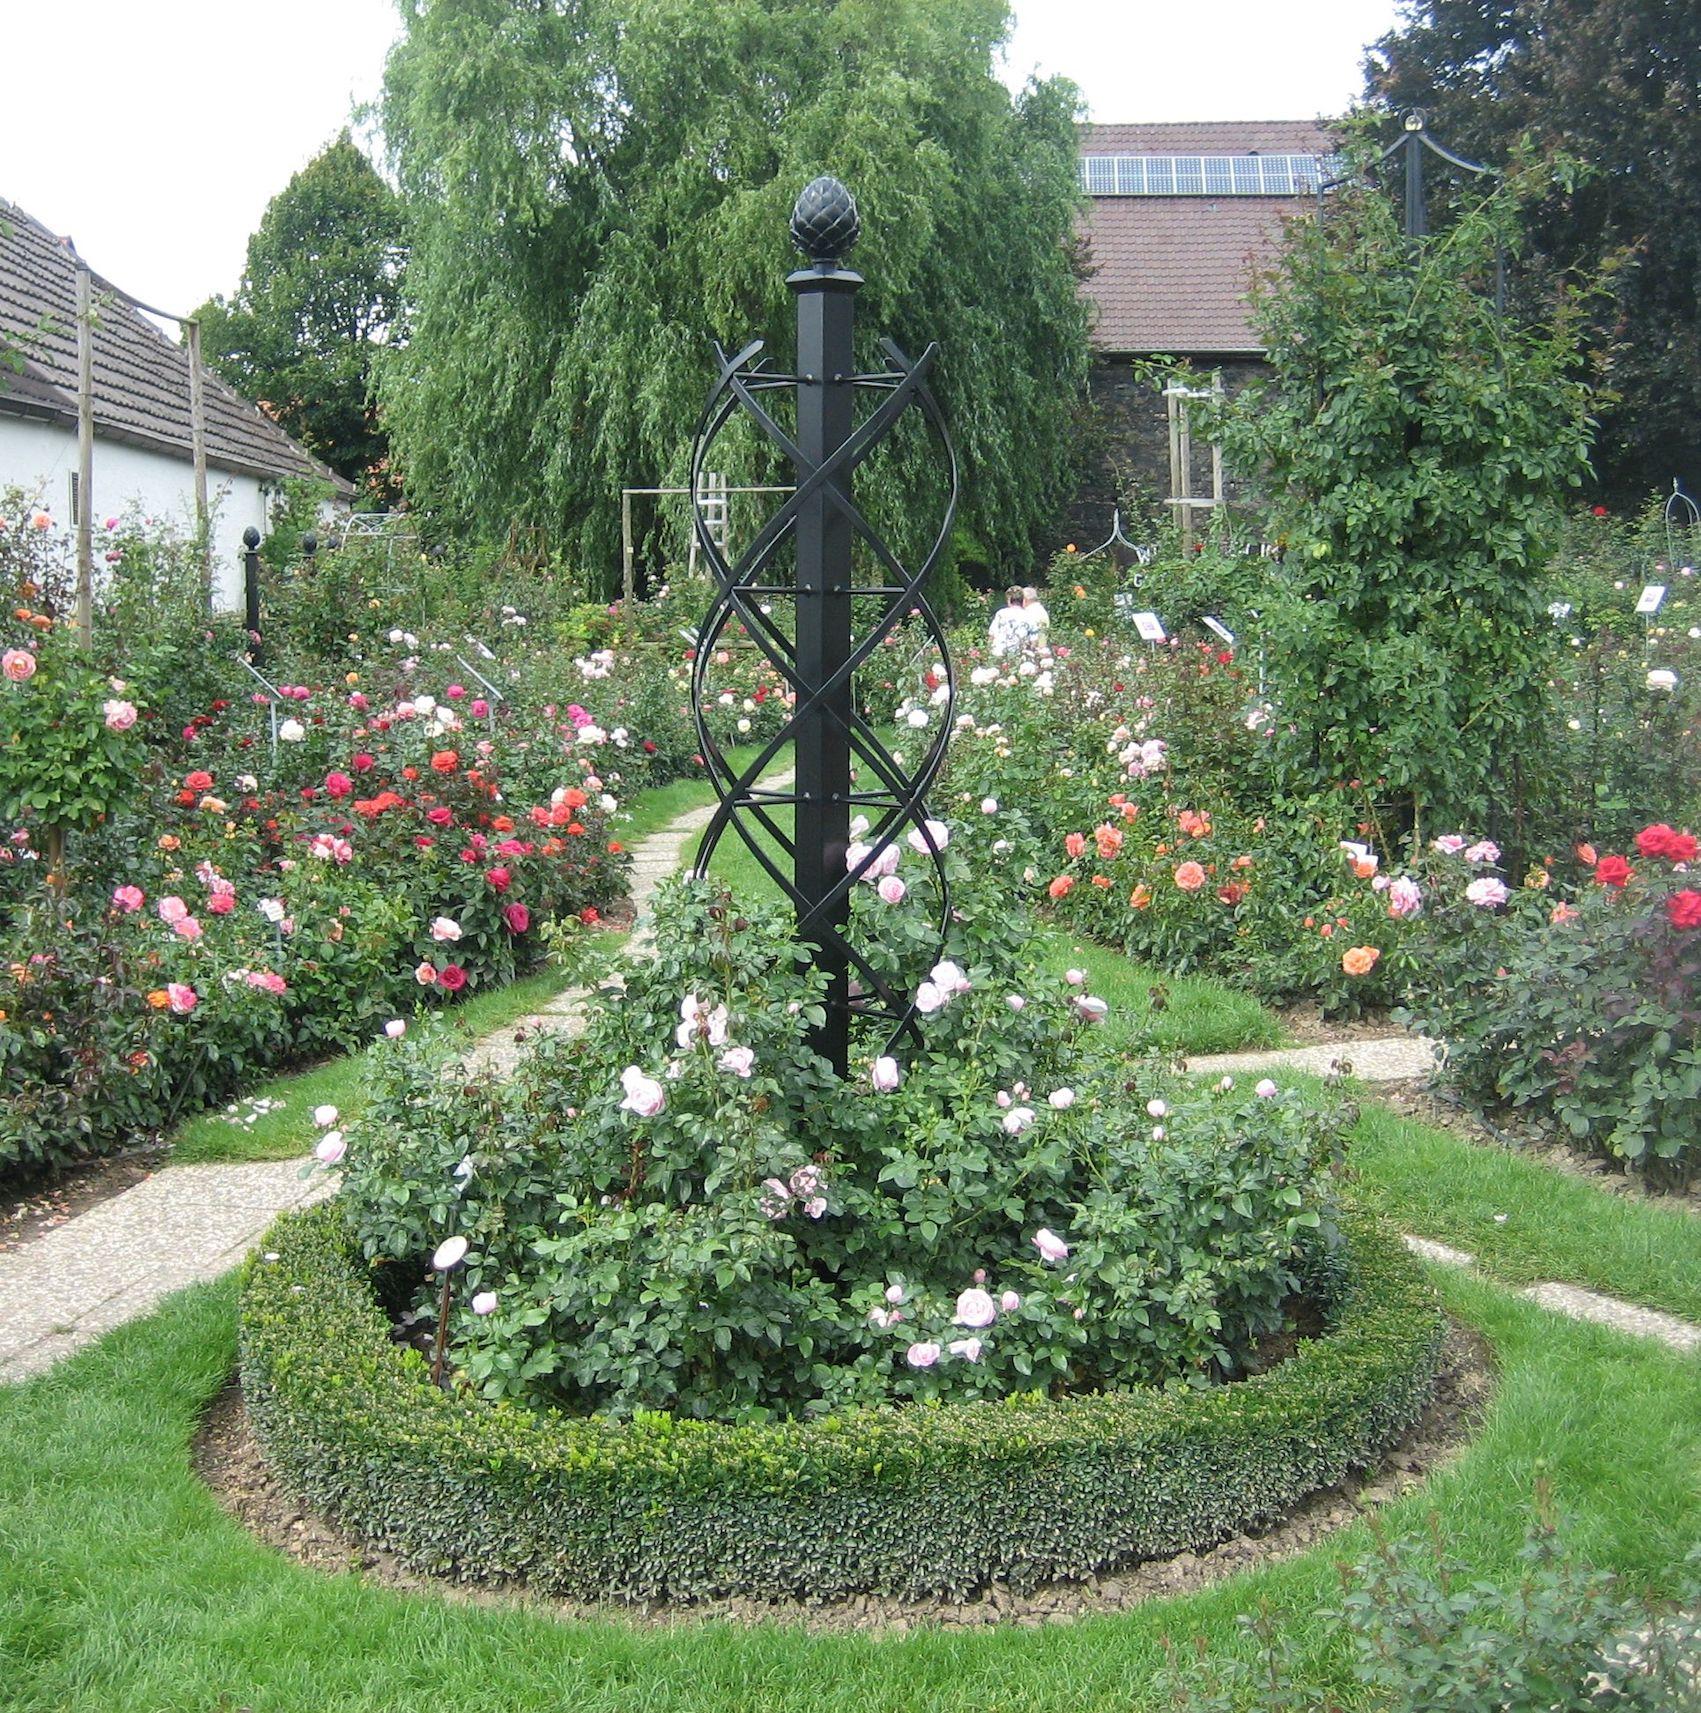 Metall Rosenobelisk im Garten,